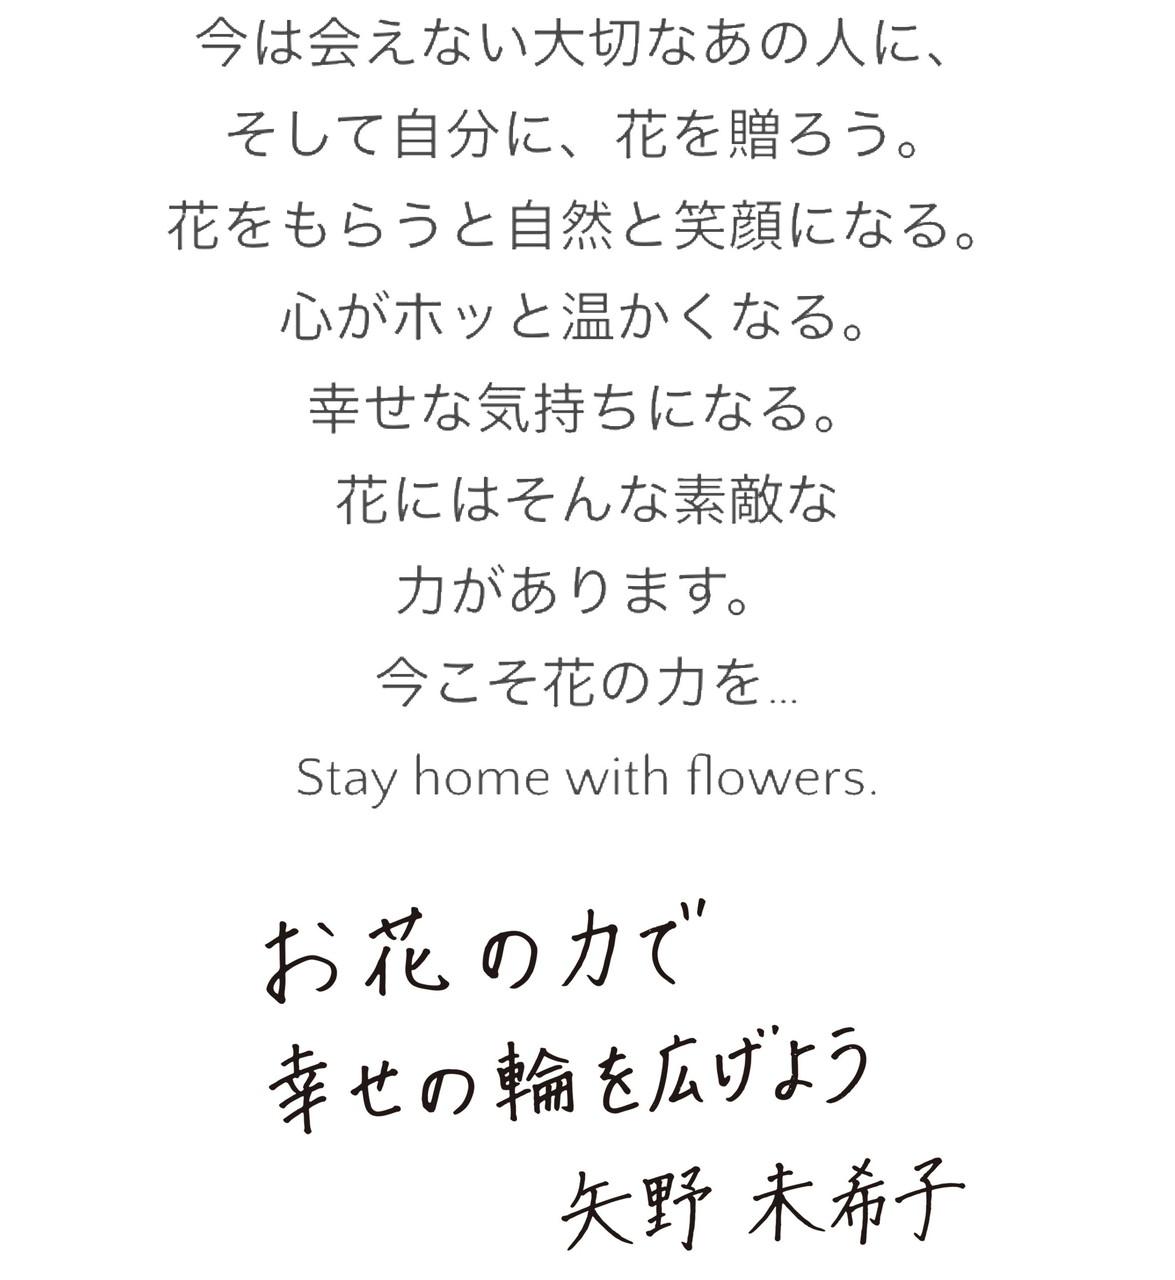 矢野未希子